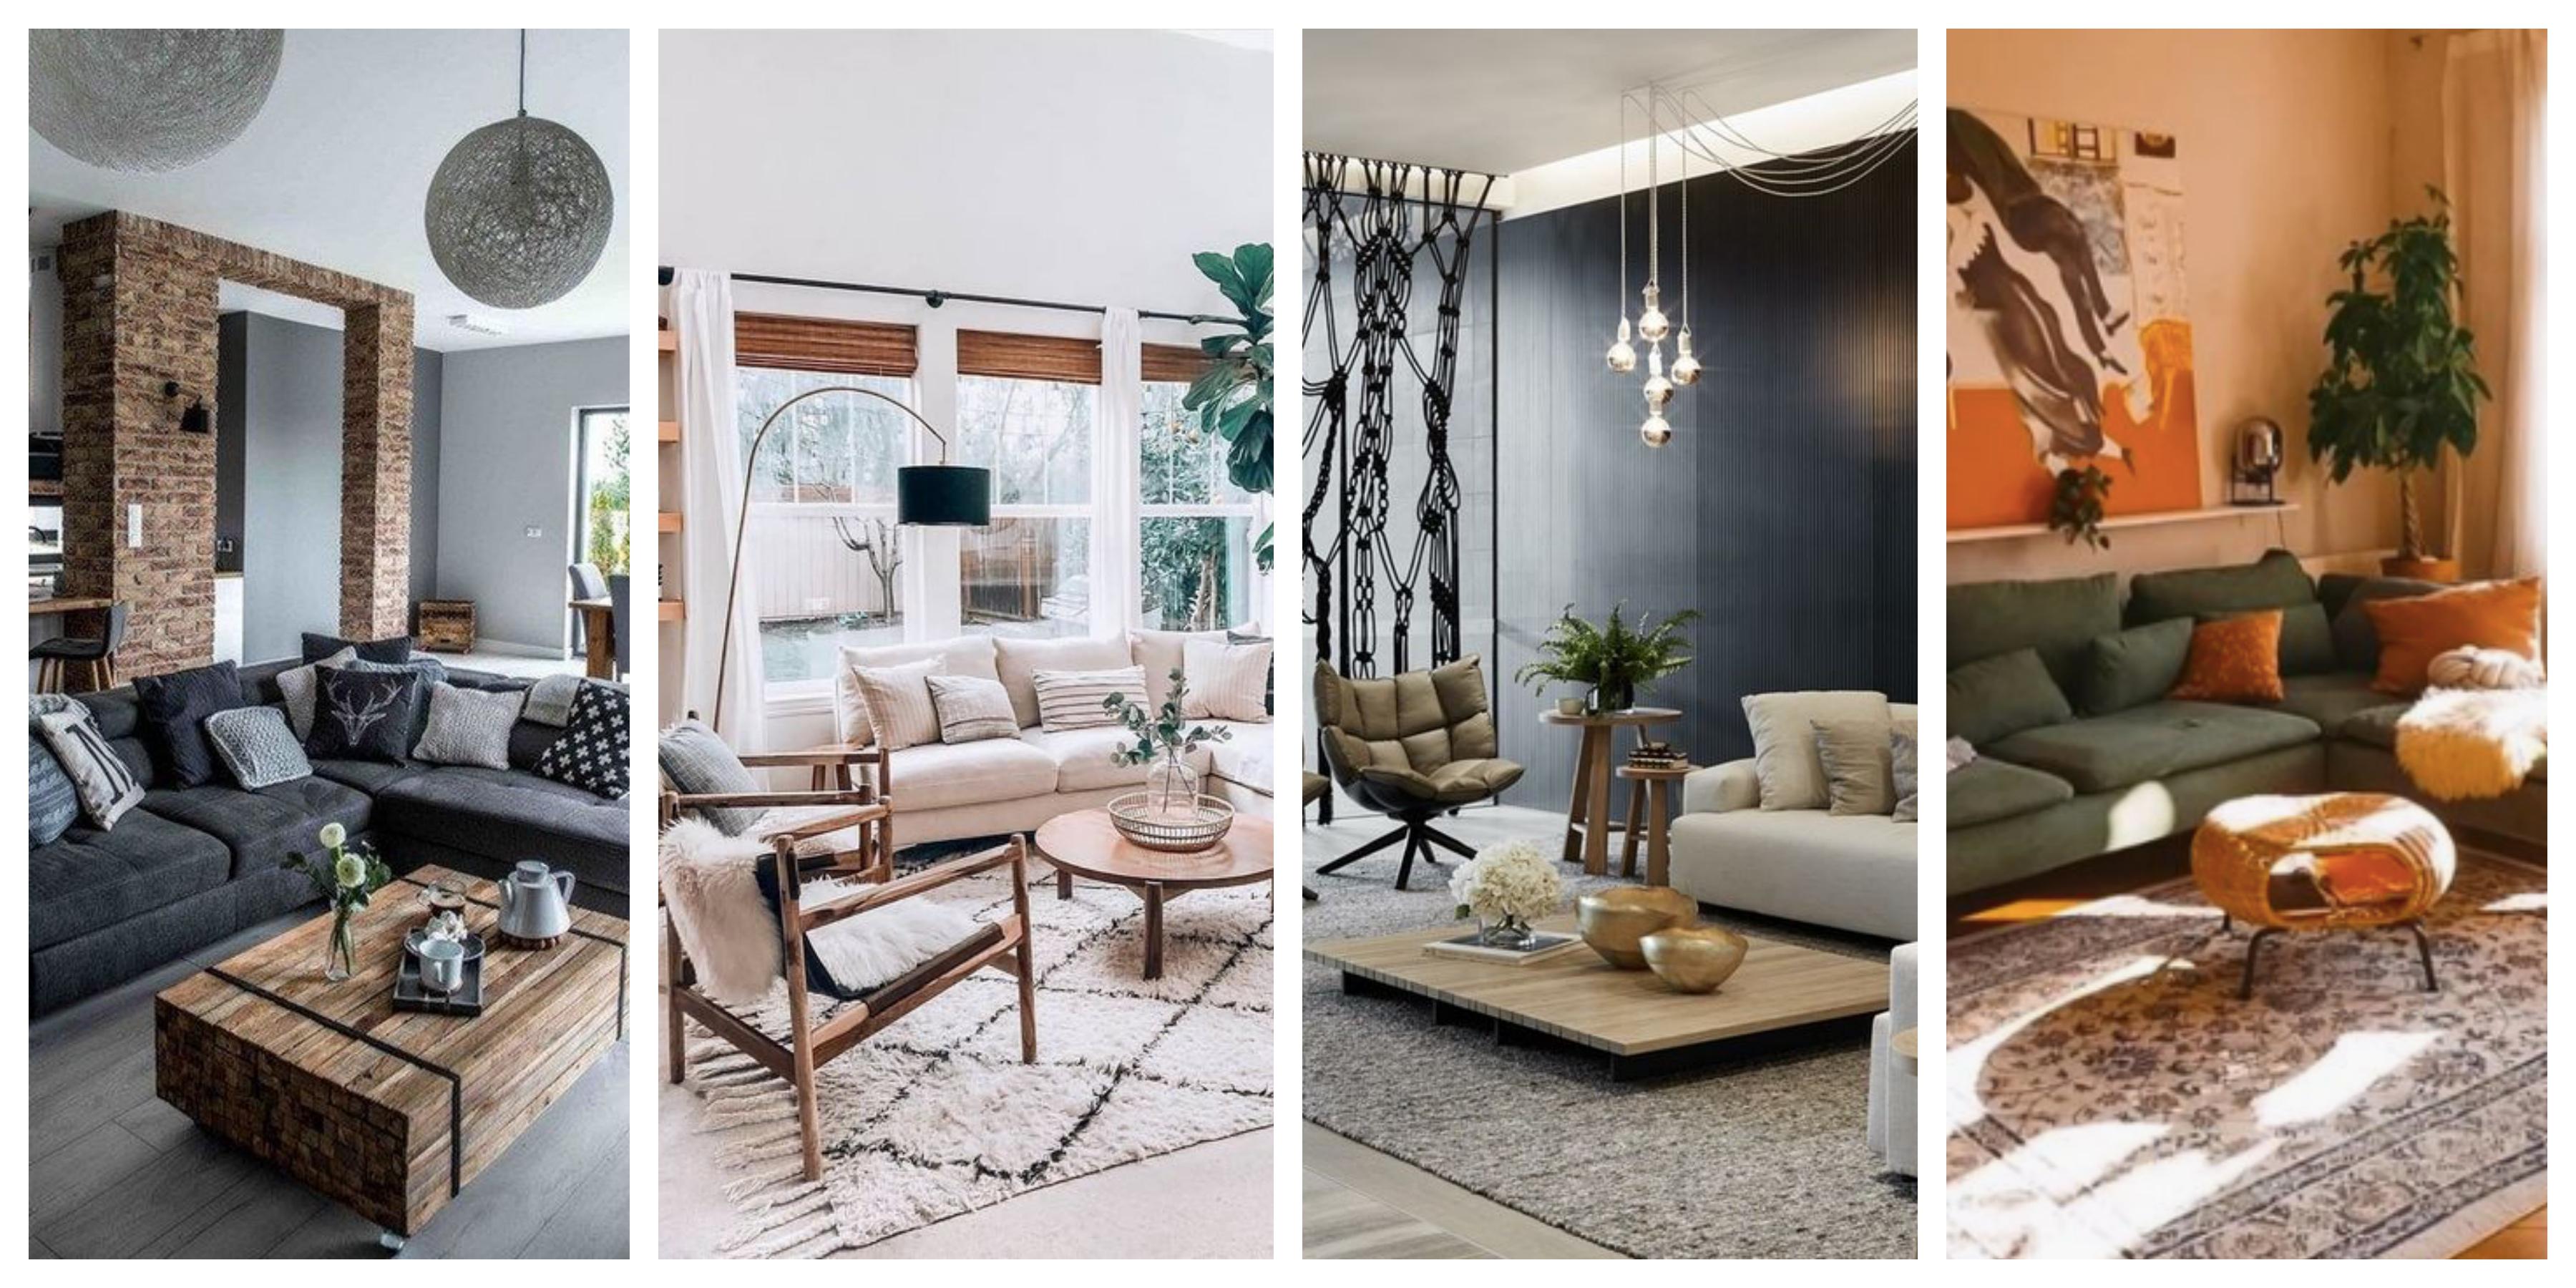 Obývací pokoje - inspirace, fotogalerie